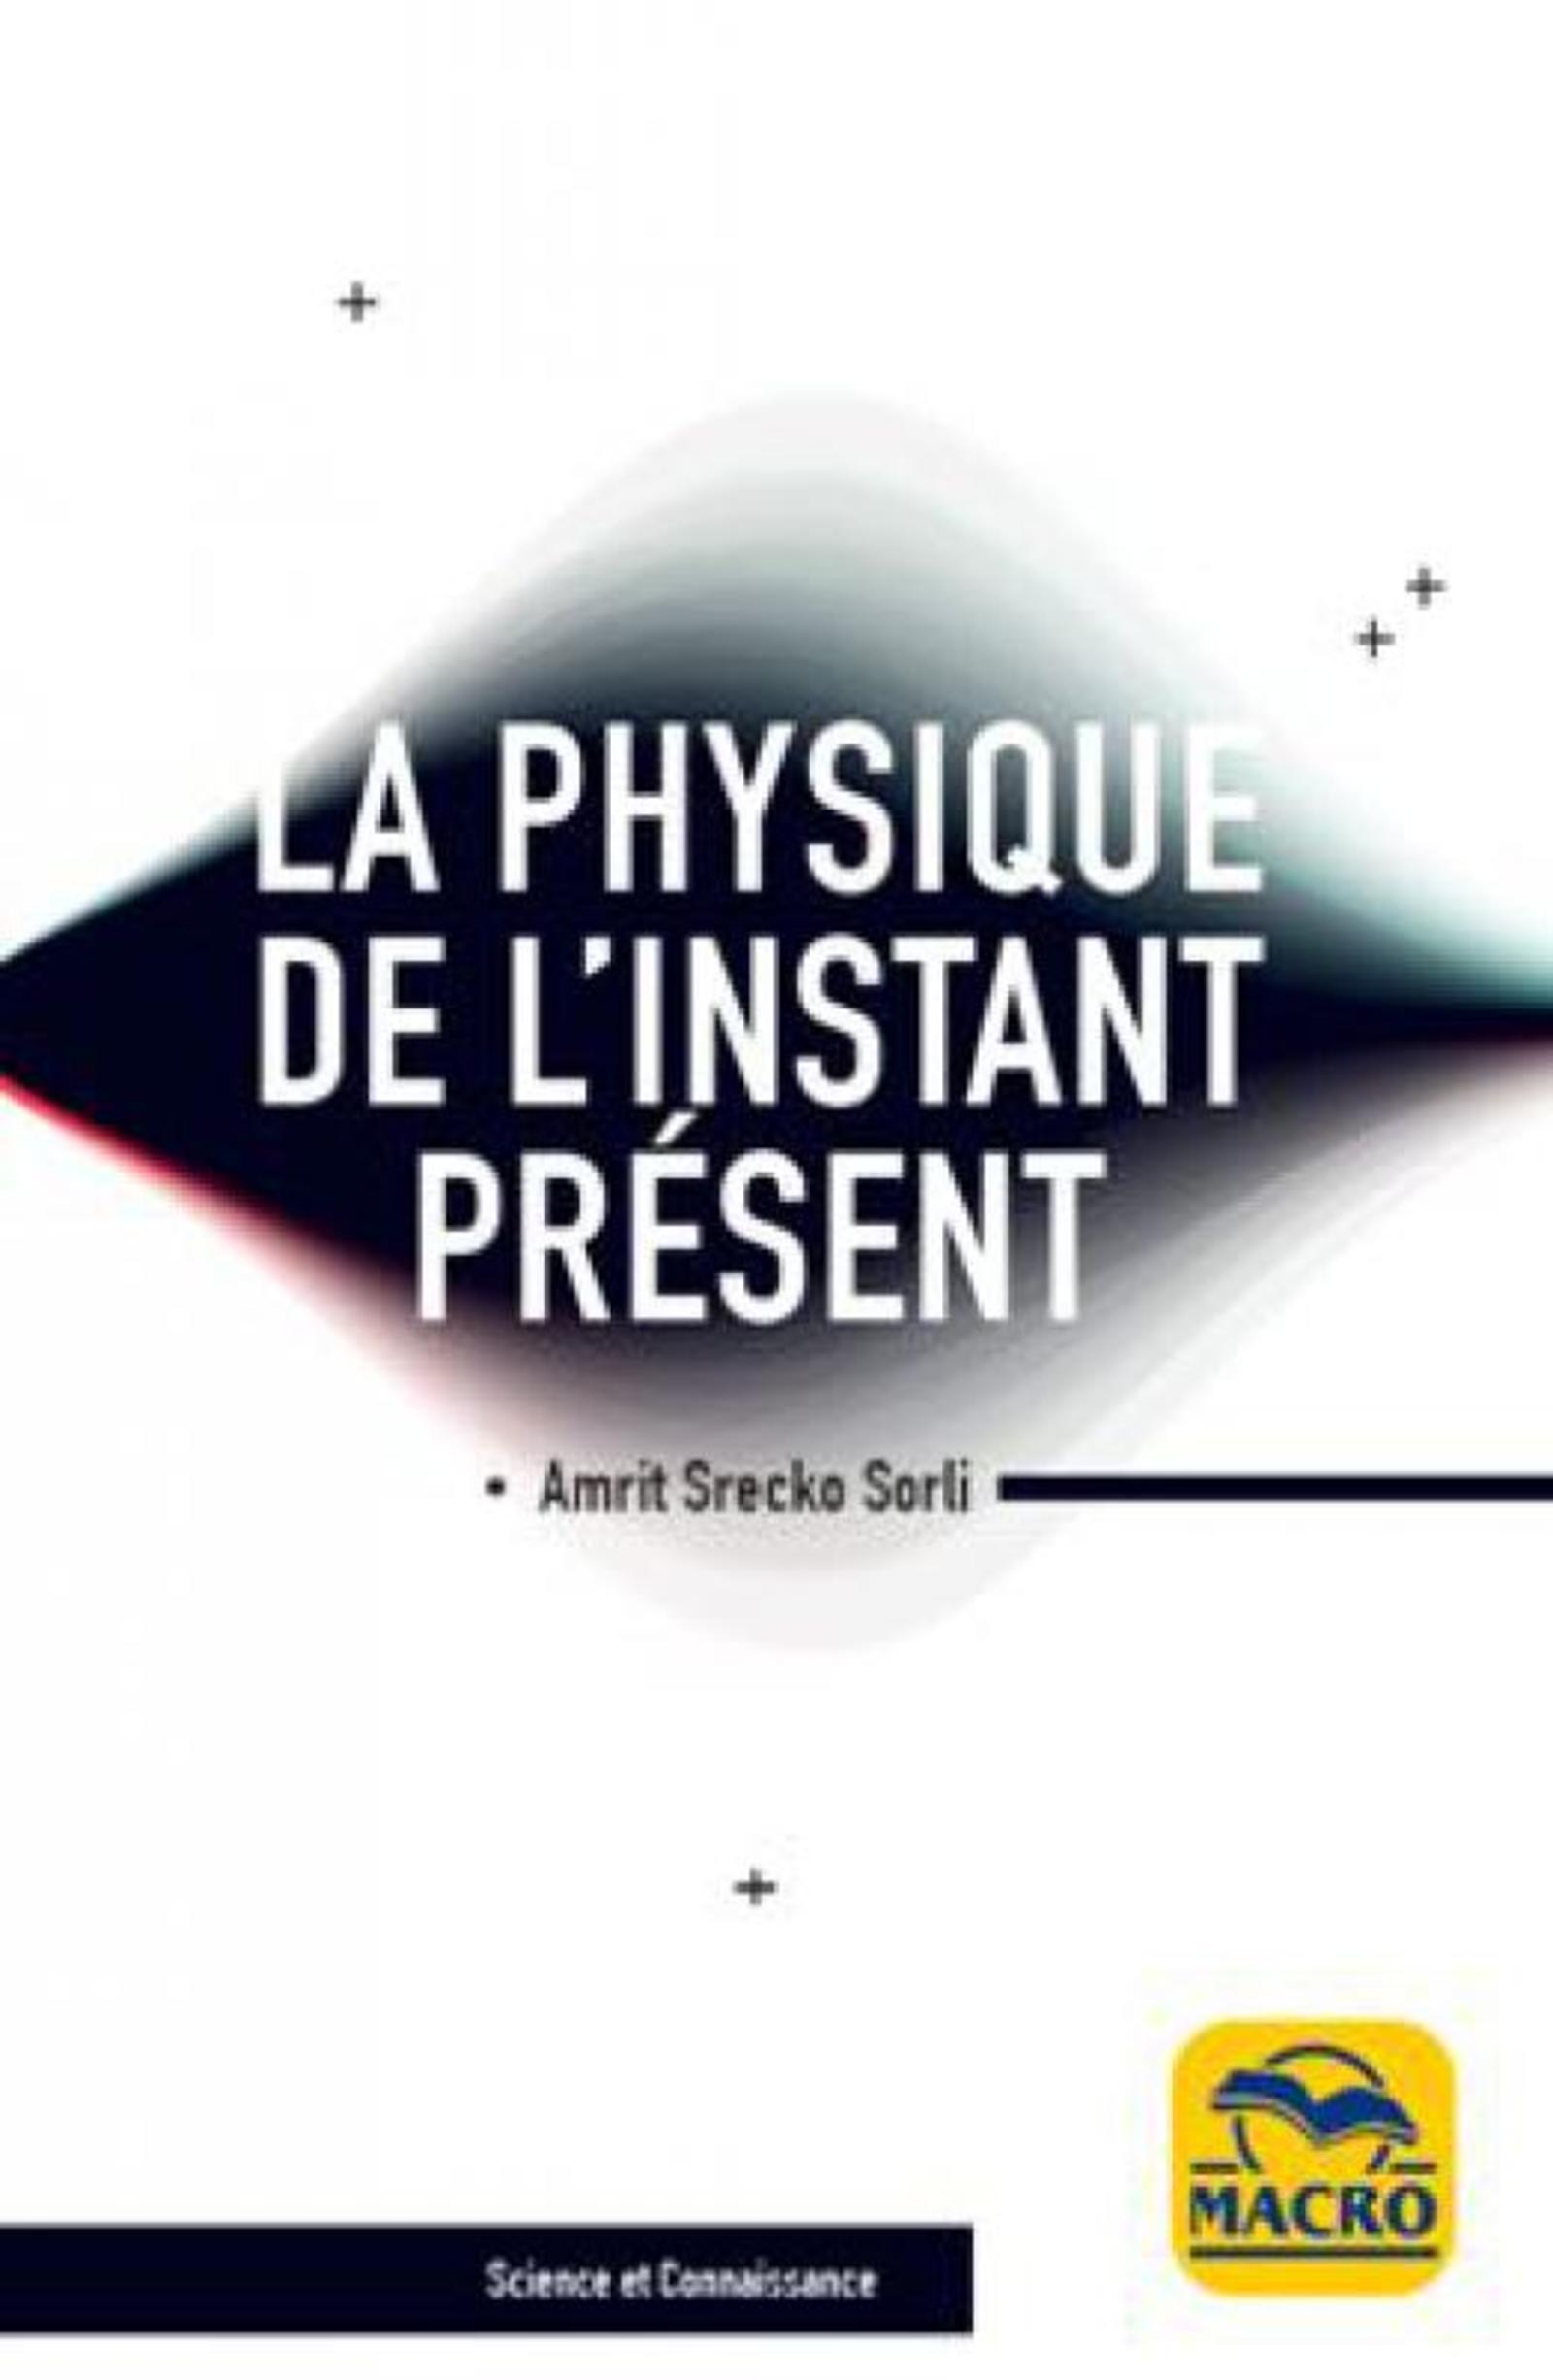 LA PHYSIQUE DE L'INSTANT PRESENT - A' LA DECOUVERTE DE LA VERITABLE NATURE DU TEMPS